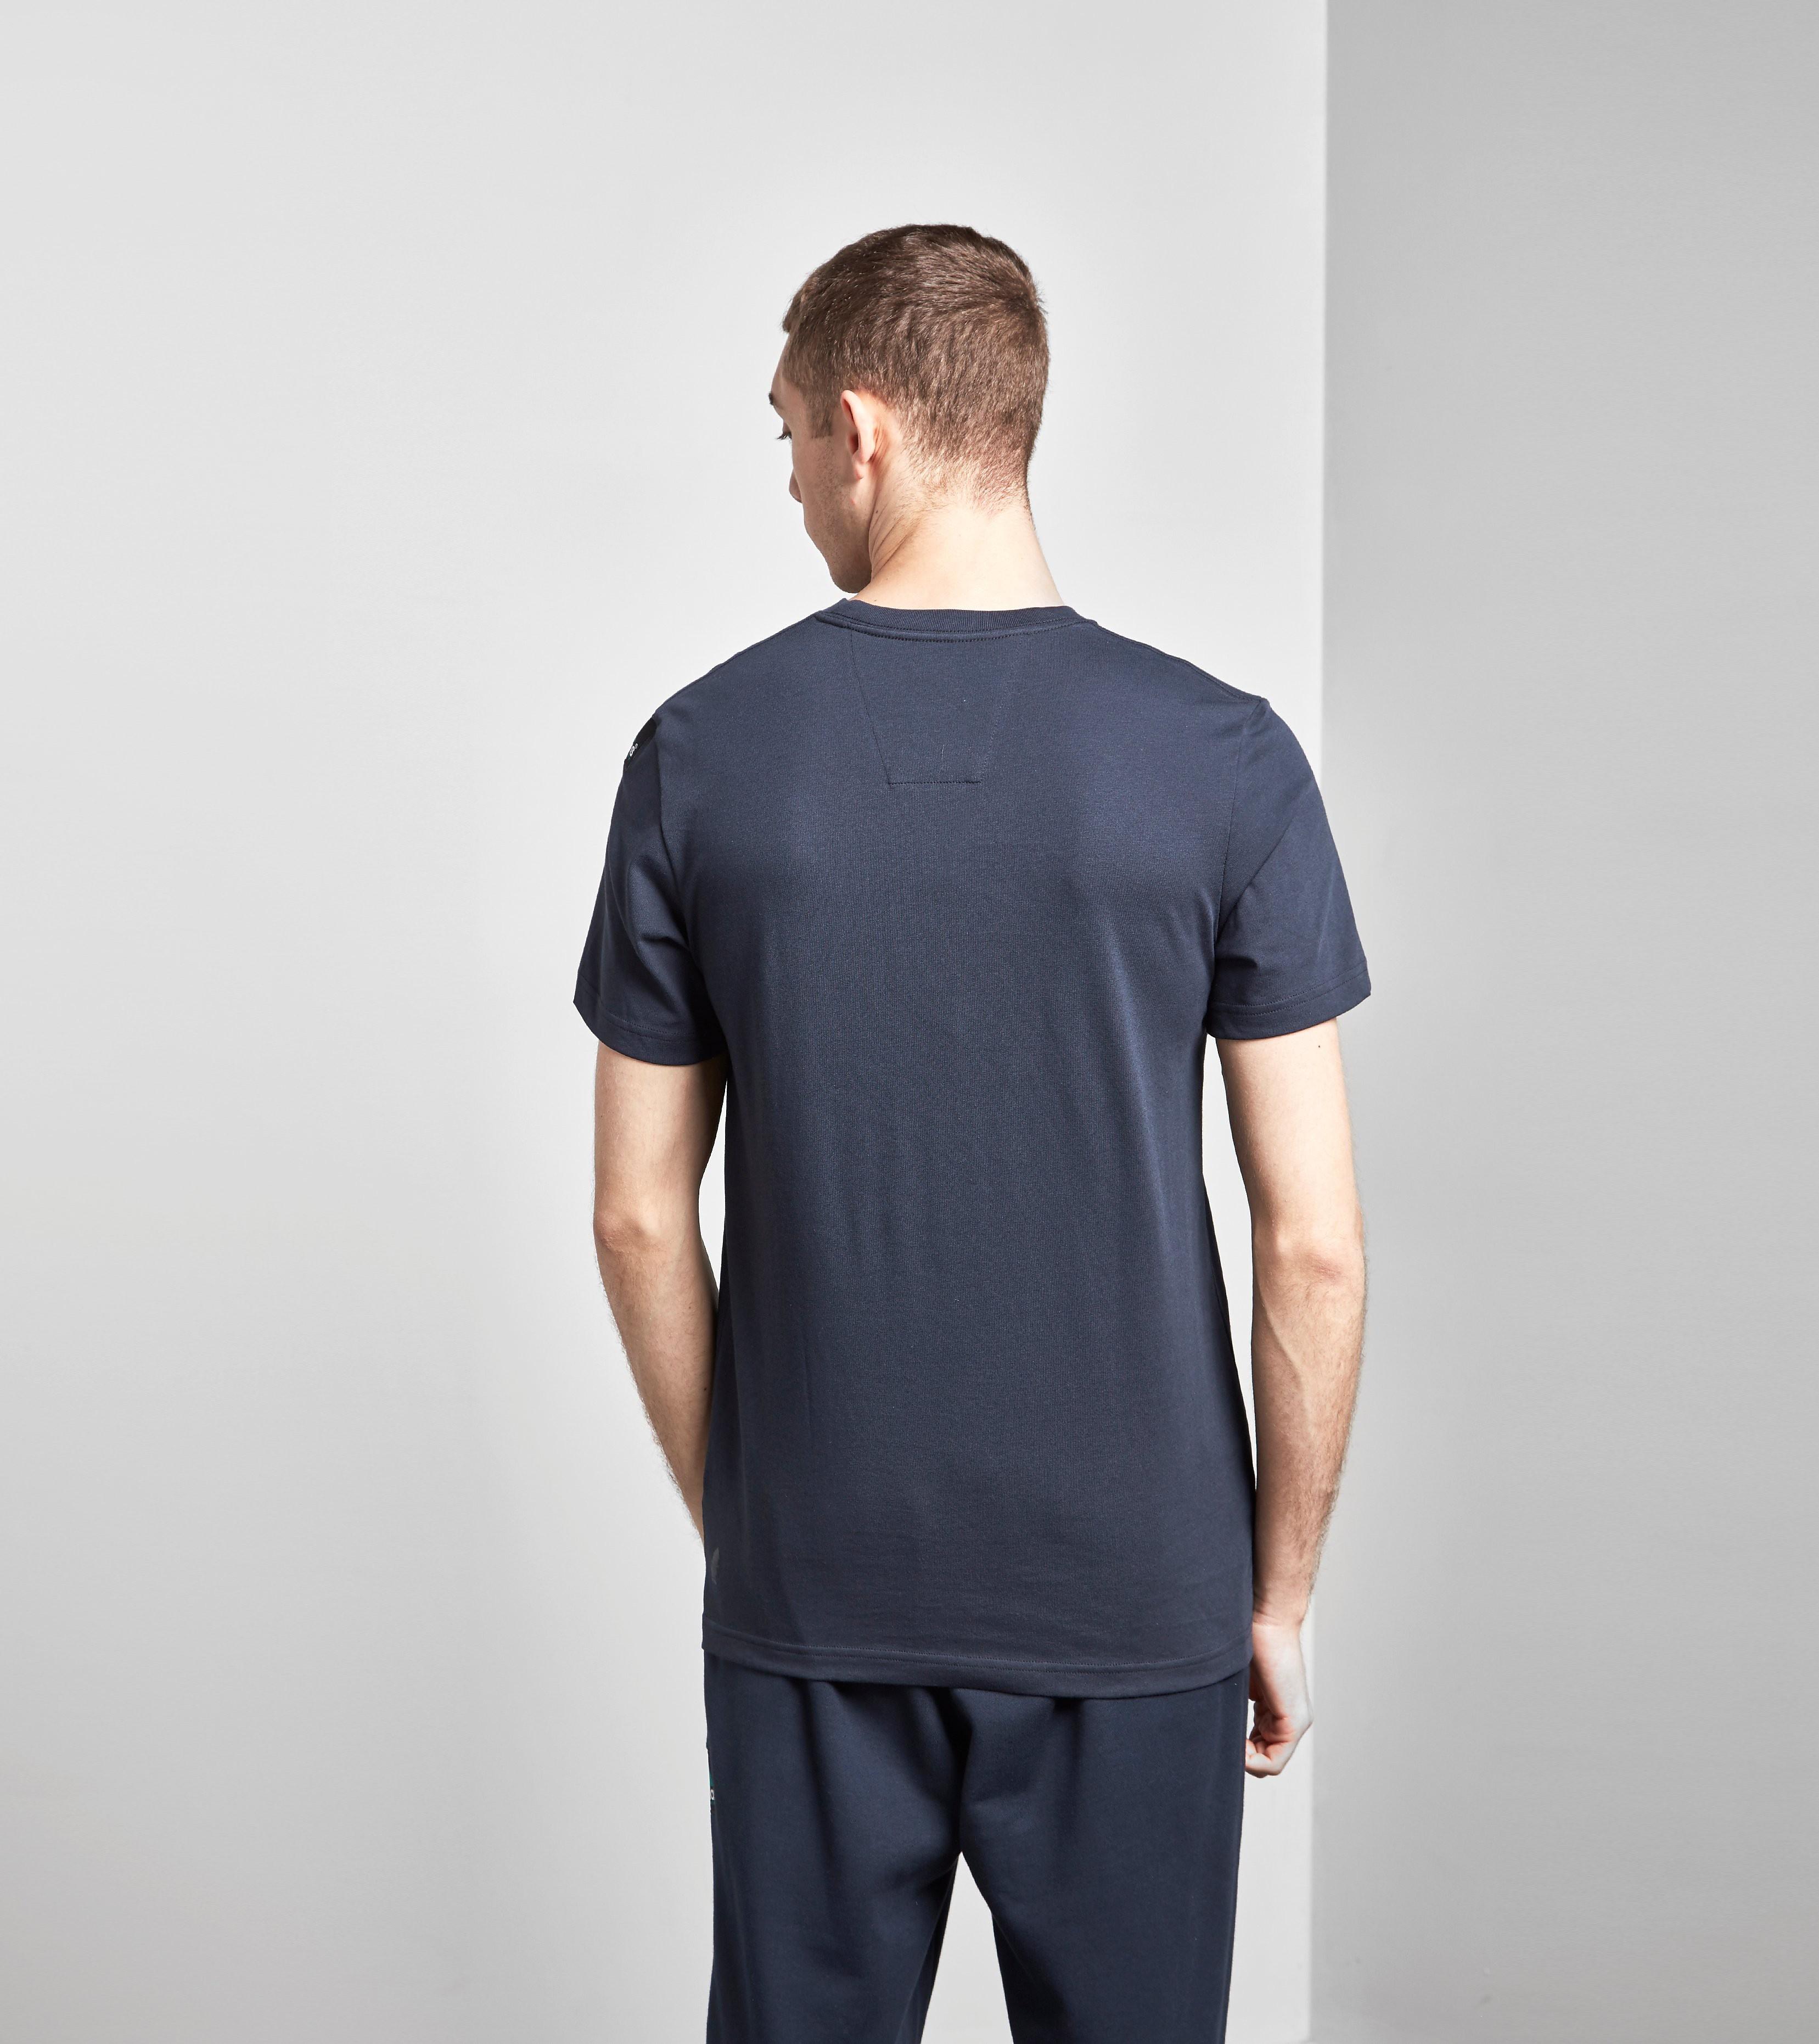 adidas Originals EQT Logo Short Sleeve T-Shirt